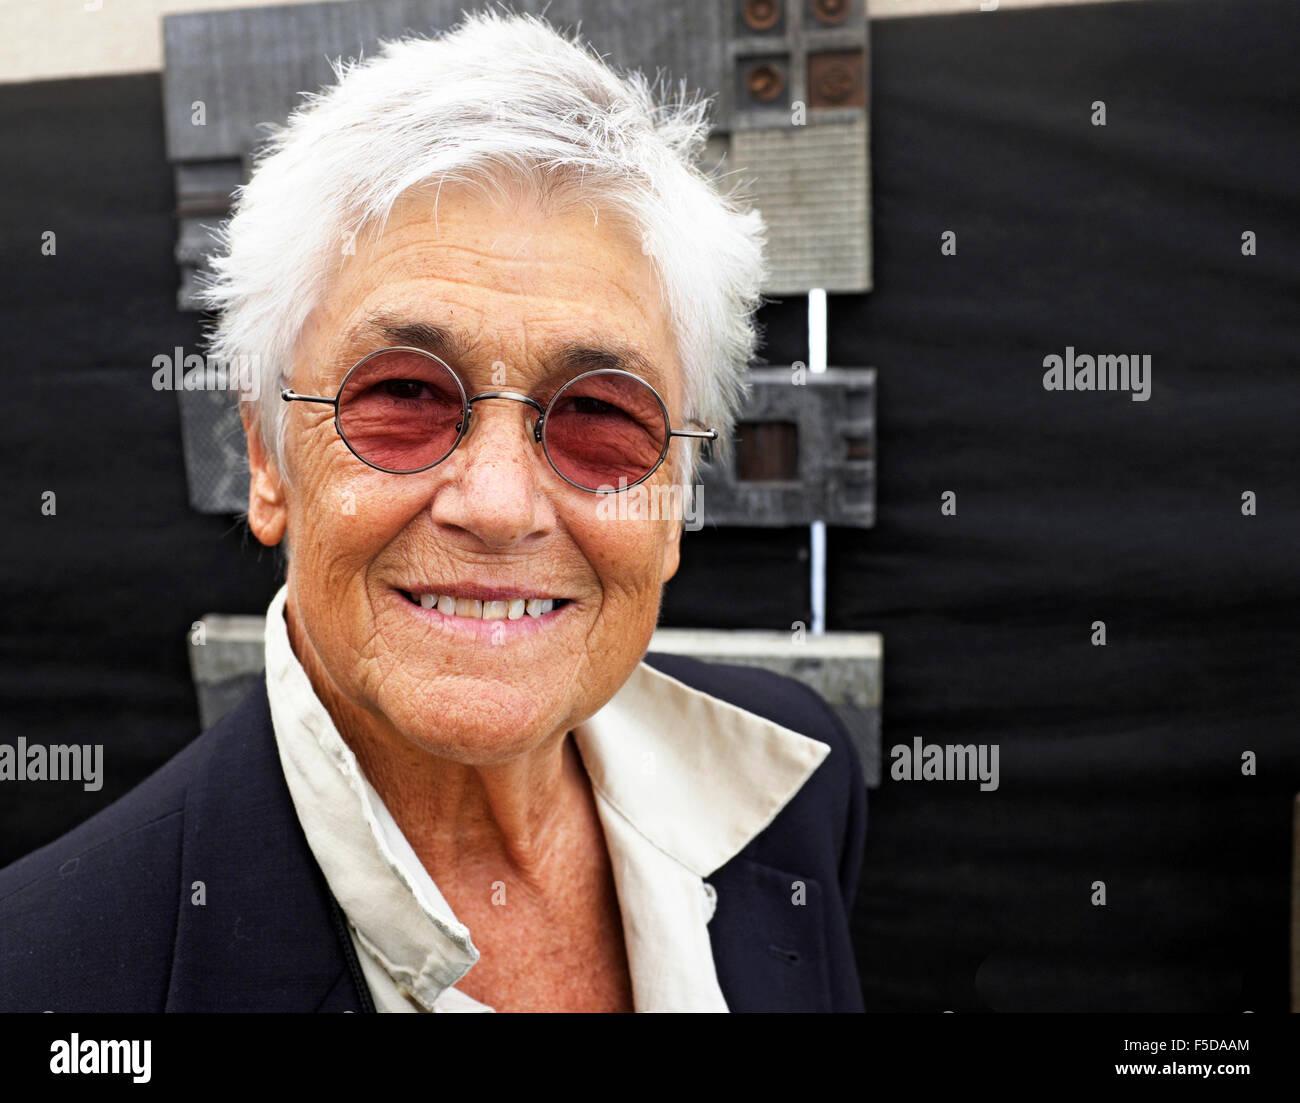 Eine Frau Mittleren Alters Mit Sehr Kurzen Haaren Getönte Brille